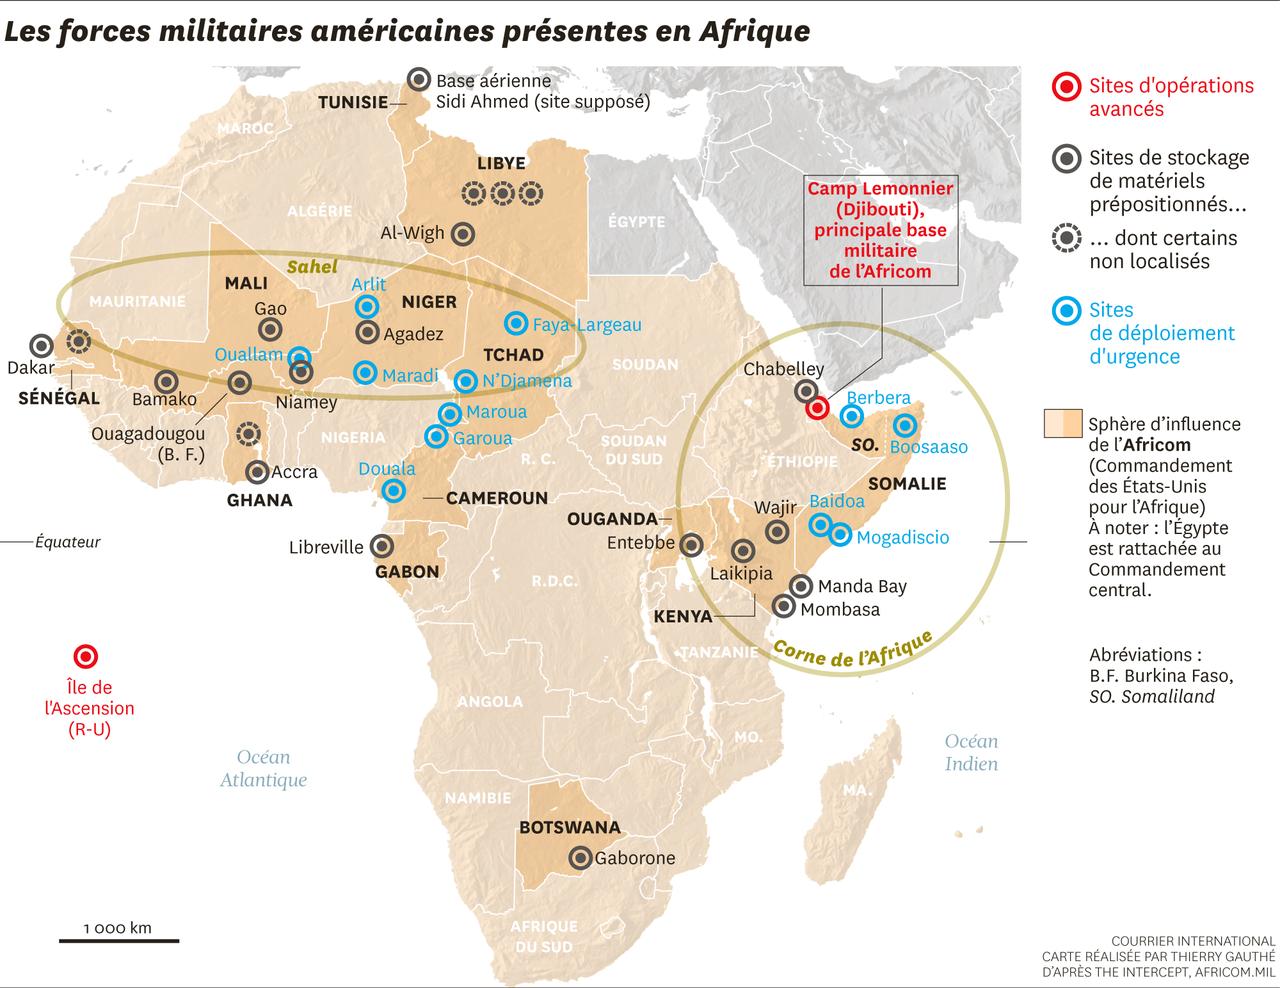 LM.GEOPOL - Pompeo en Afrique (2020 02 19) FR (3)